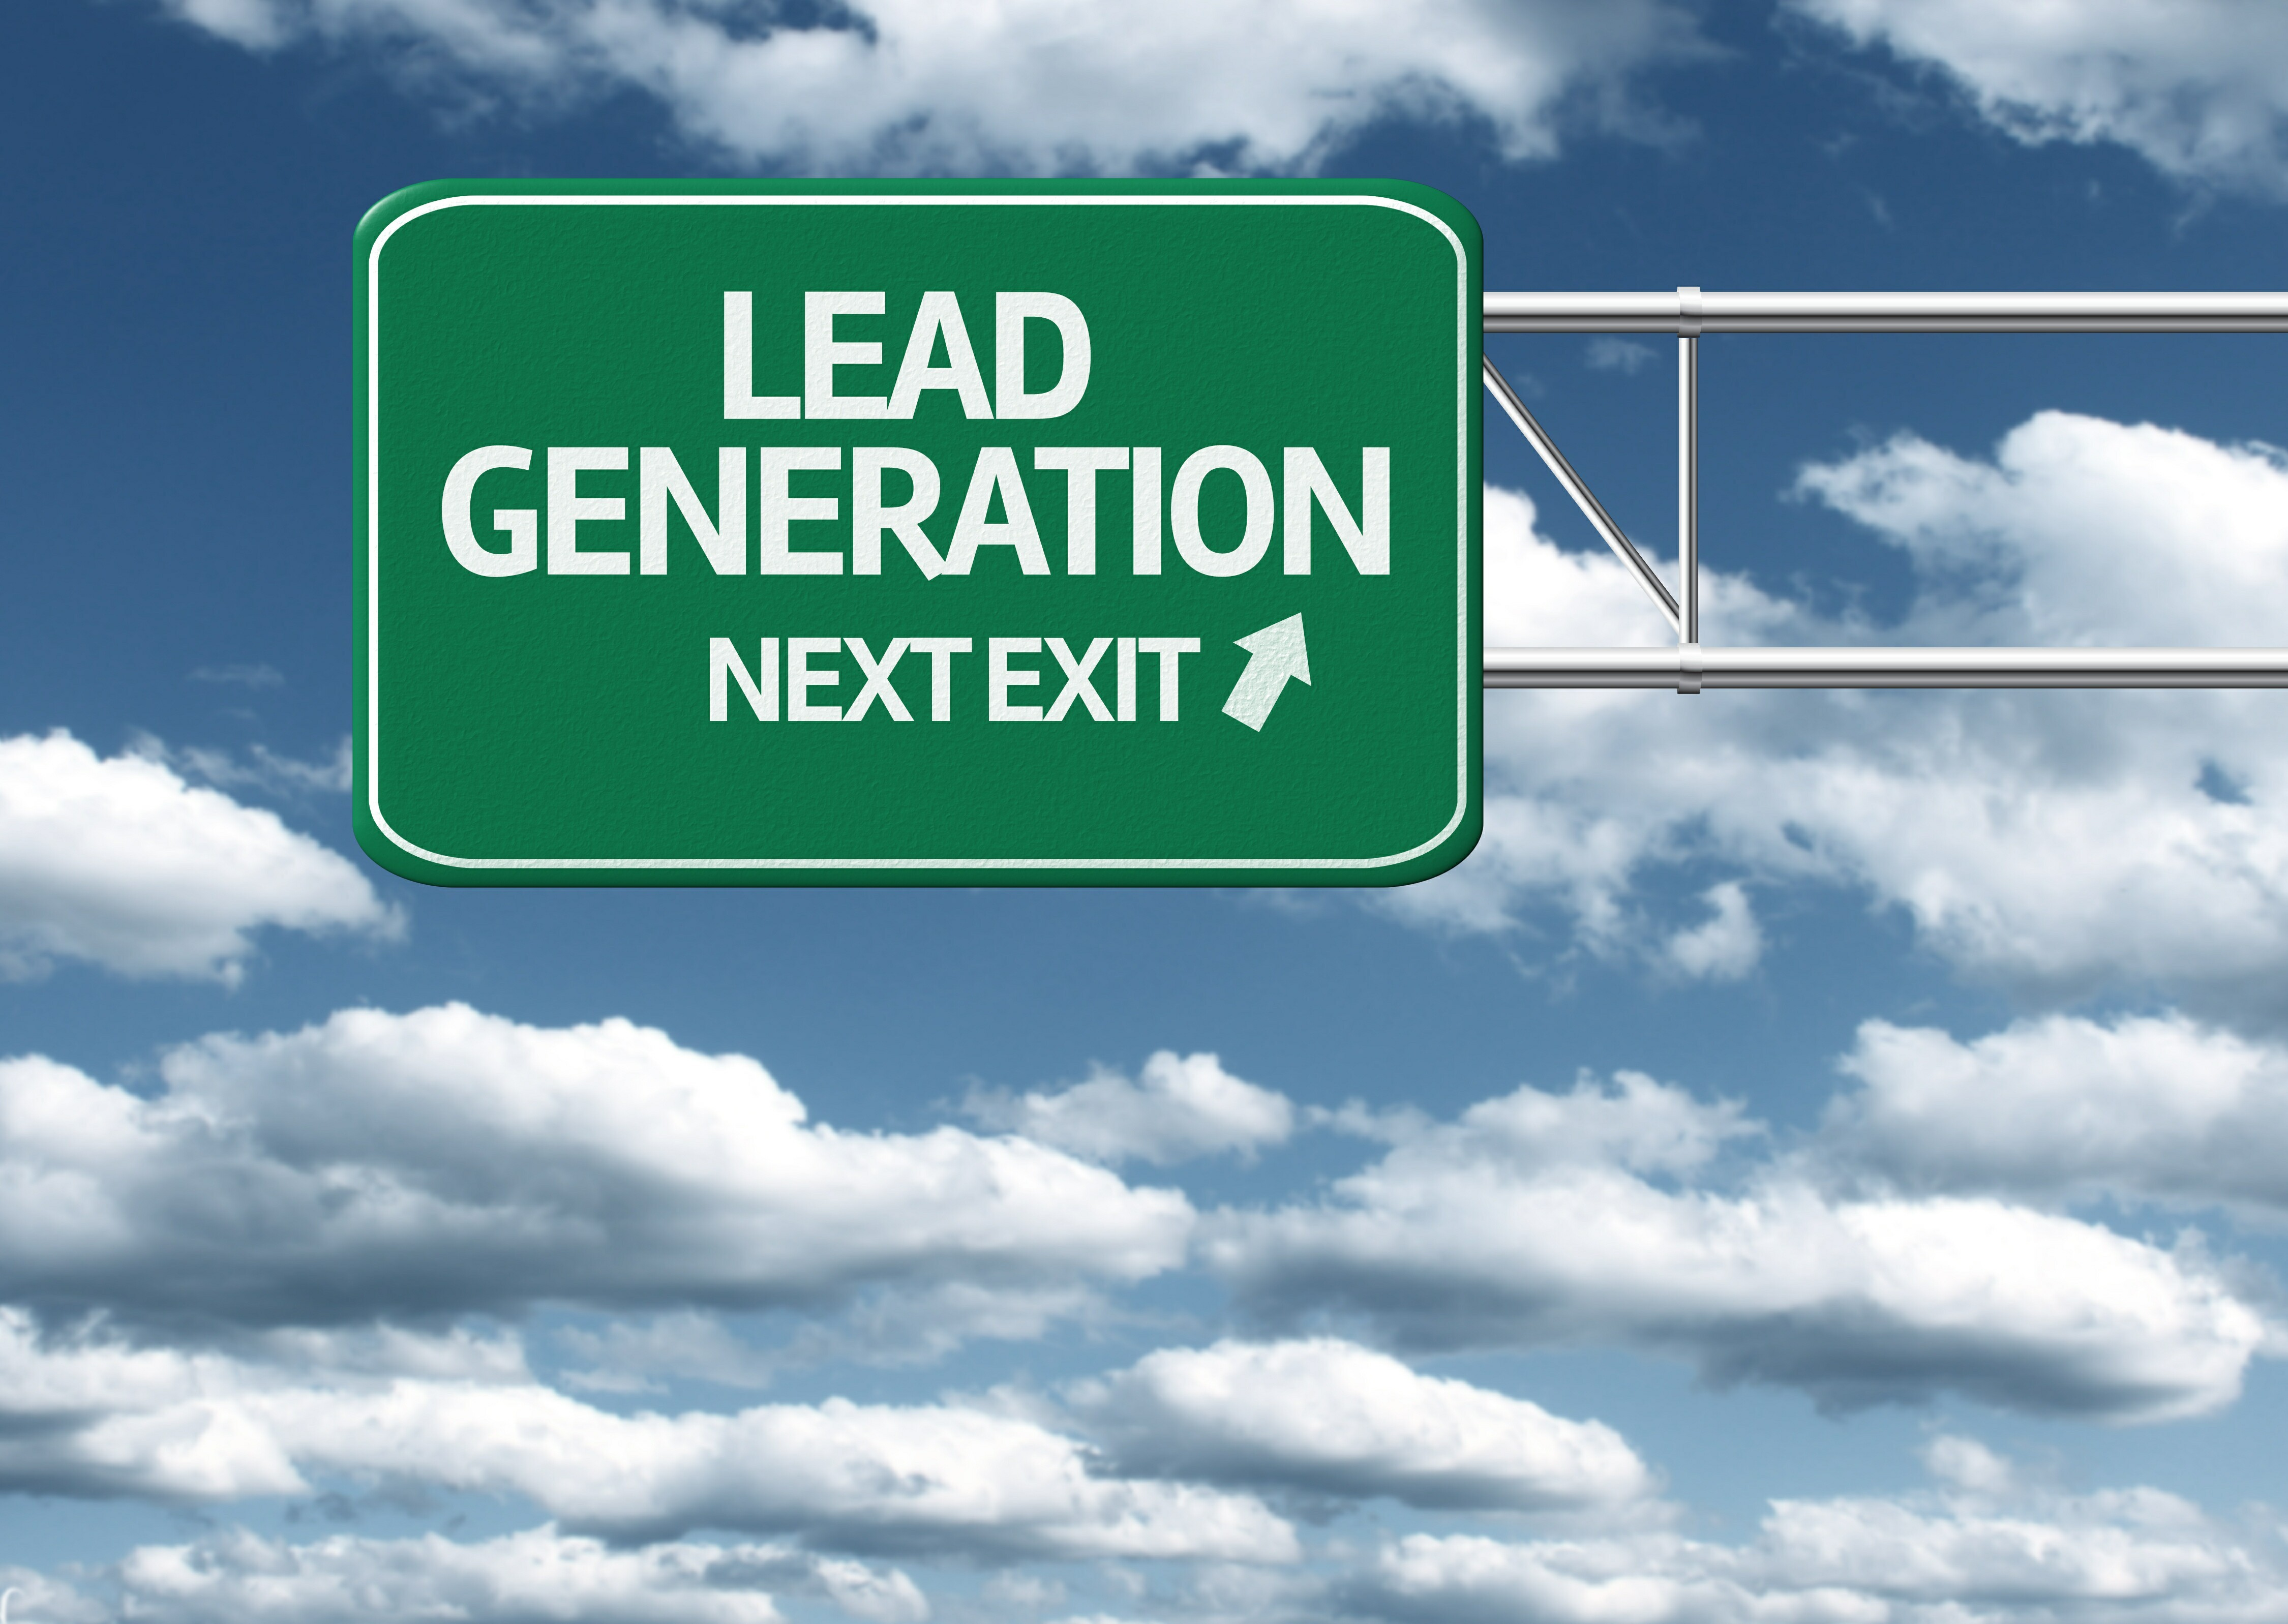 Online lead generation